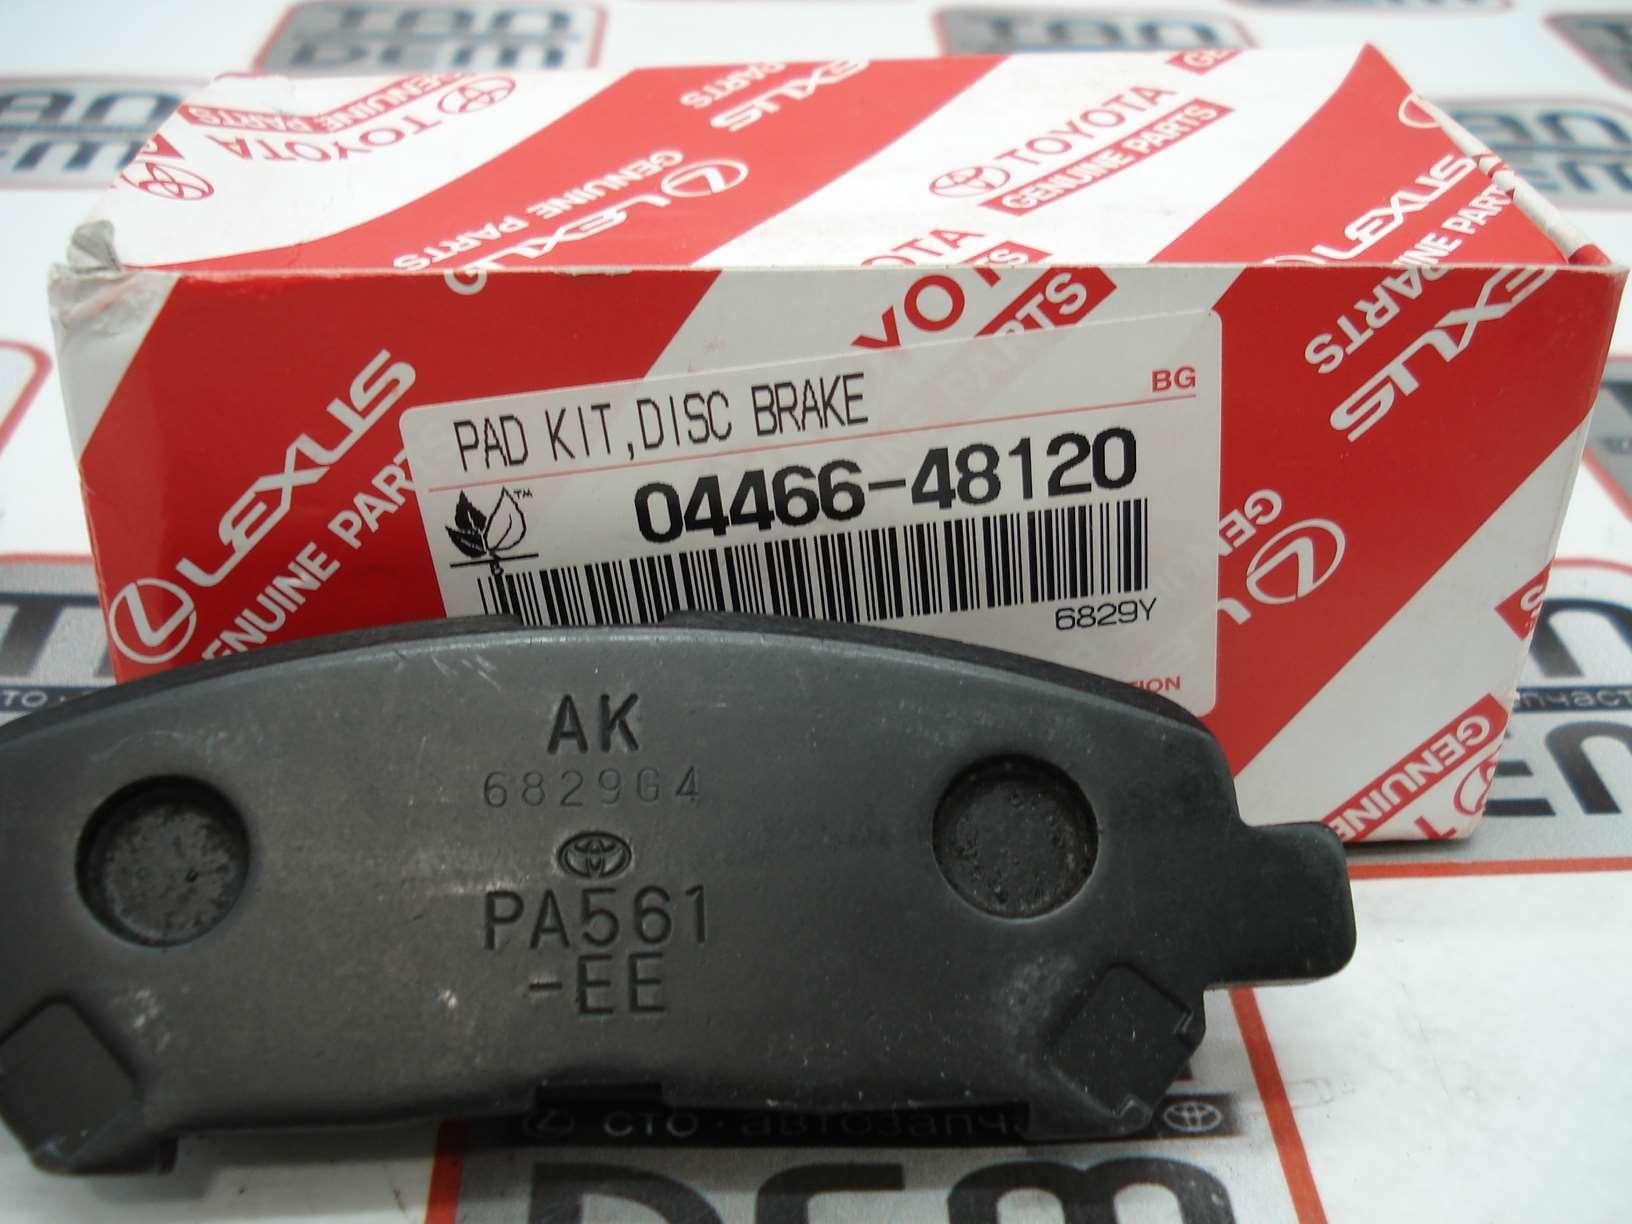 Колодки задние Highlander 07- 04466-48120, 04466-0E020, 04466-AZ006-TM